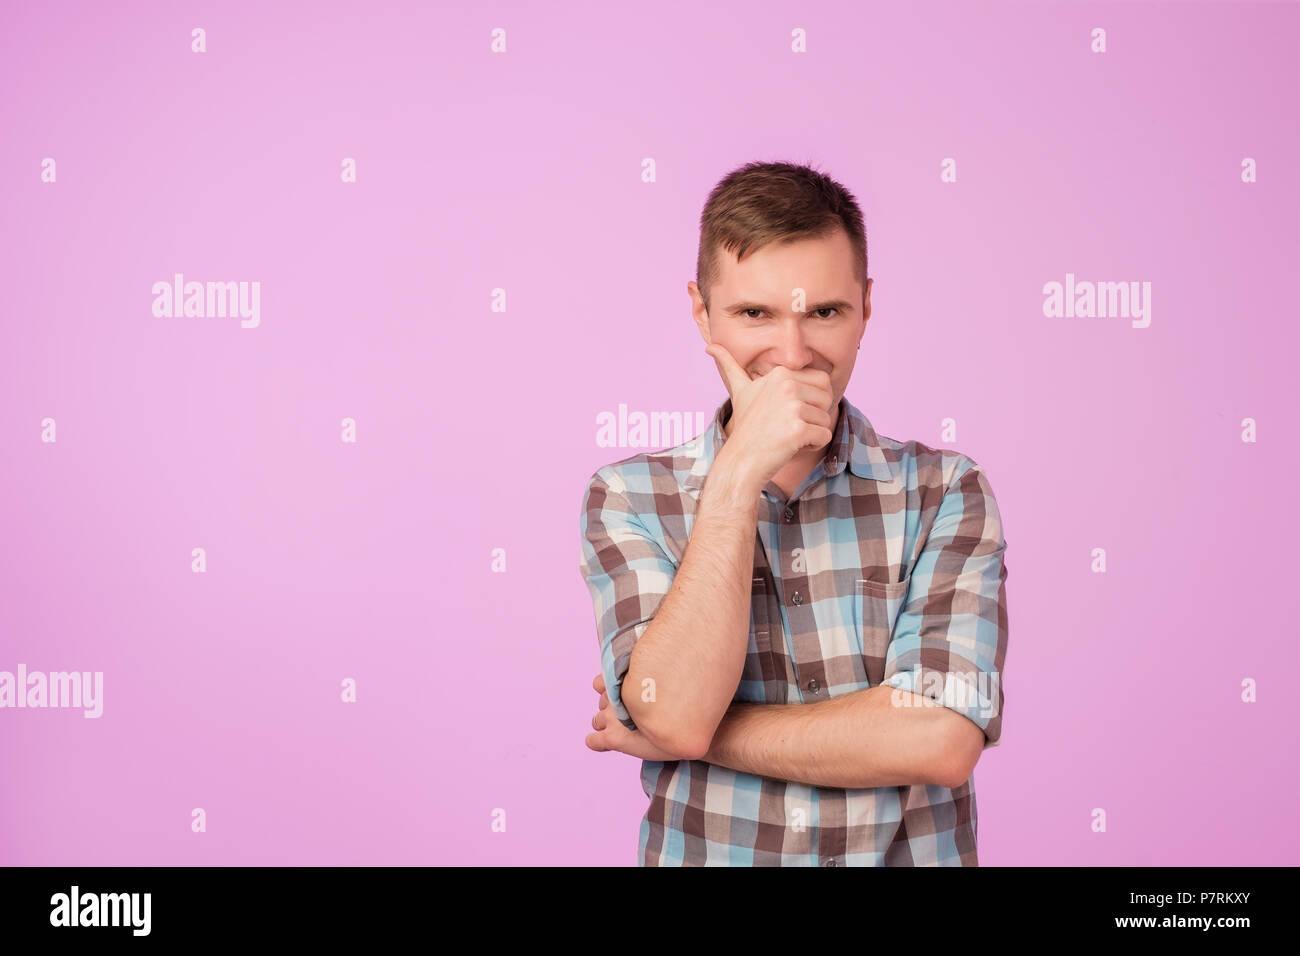 Disparo de atractivas jóvenes caucásicos hombre mirando a la cámara con astucia divertida expresión, cerrando su boca Imagen De Stock